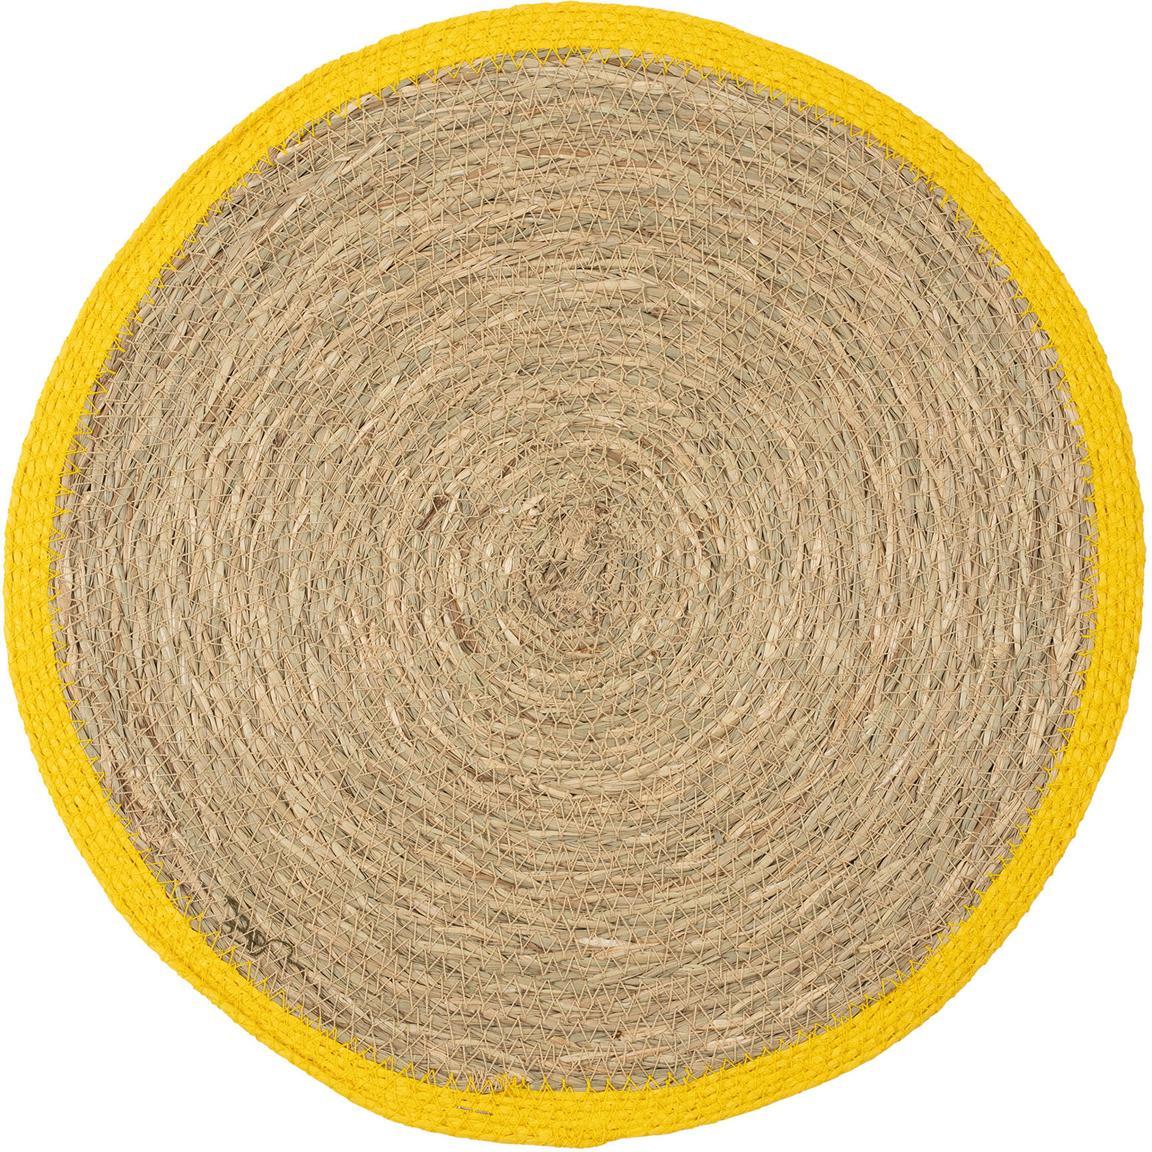 Runde Seegras-Tischsets Boho mit gelbem Rand, 2 Stück, Seegras, Beige, Gelb, Ø 35 cm